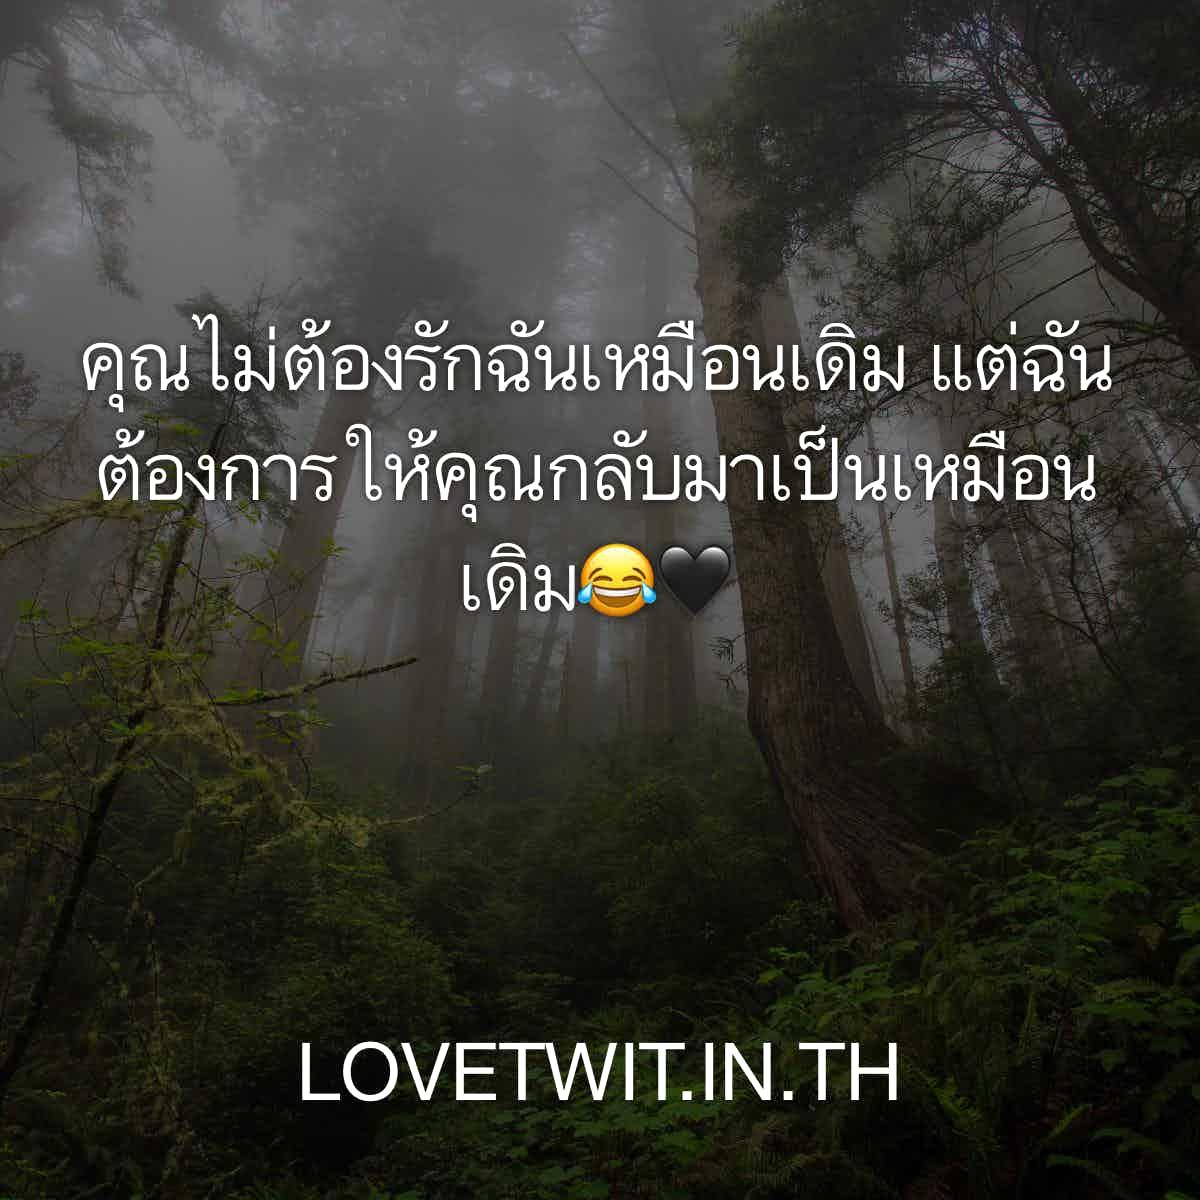 คำคมภาษาอังกฤษแปลไทย แคปชั่นภาษาอังกฤษแปลไทย